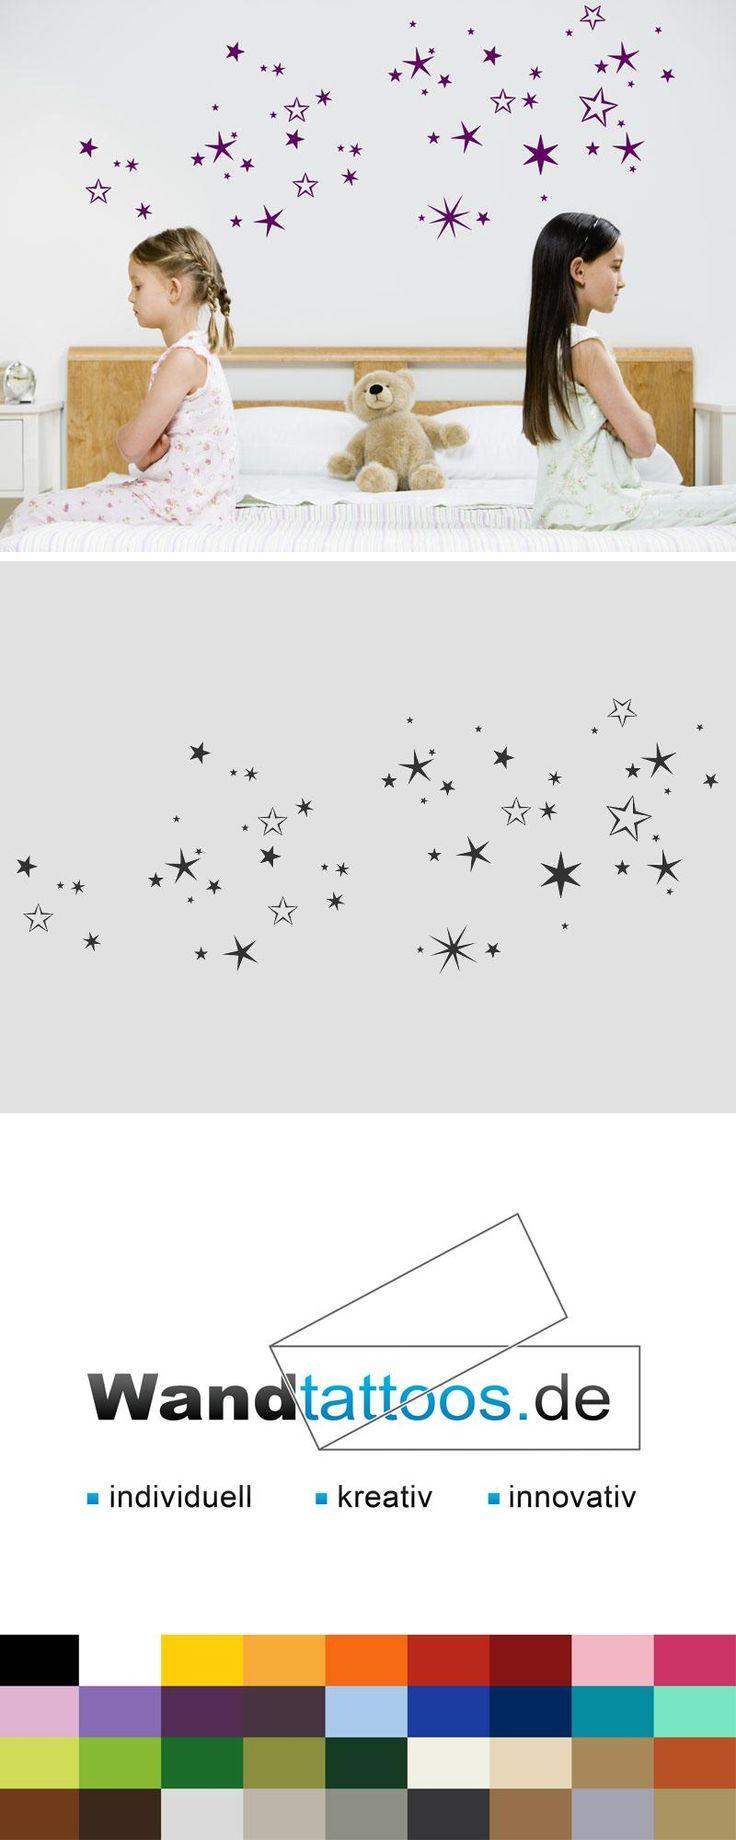 Wandtattoo Sternenhimmel als Idee zur individuellen Wandgestaltung. Einfach Lieblingsfarbe und Größe auswählen. Weitere kreative Anregungen von Wandtattoos.de hier entdecken!